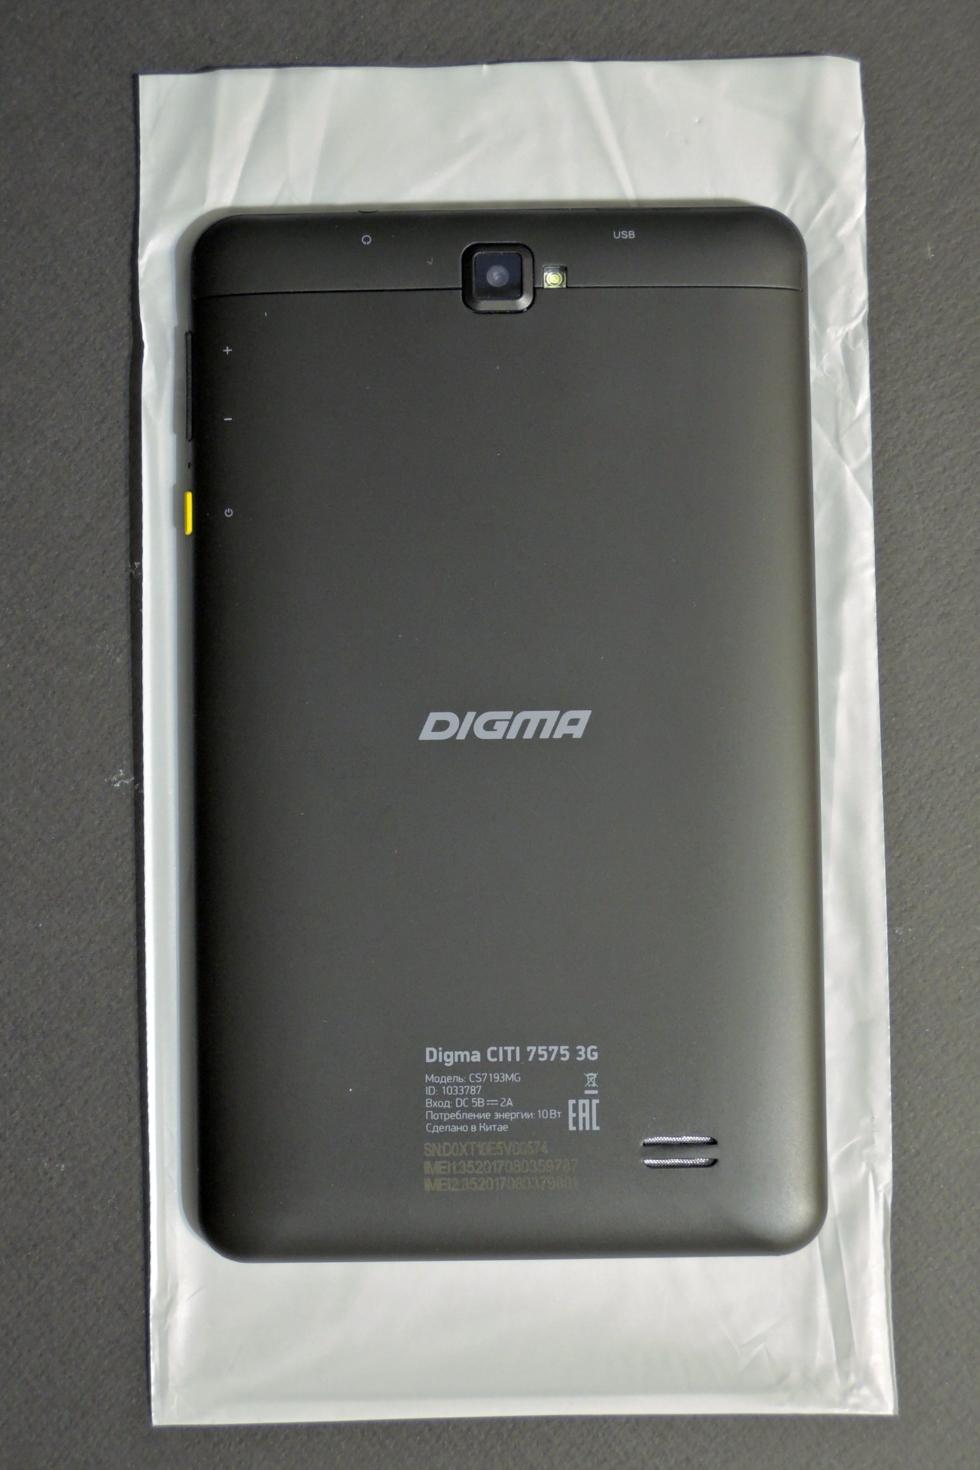 DSCN1544.JPG